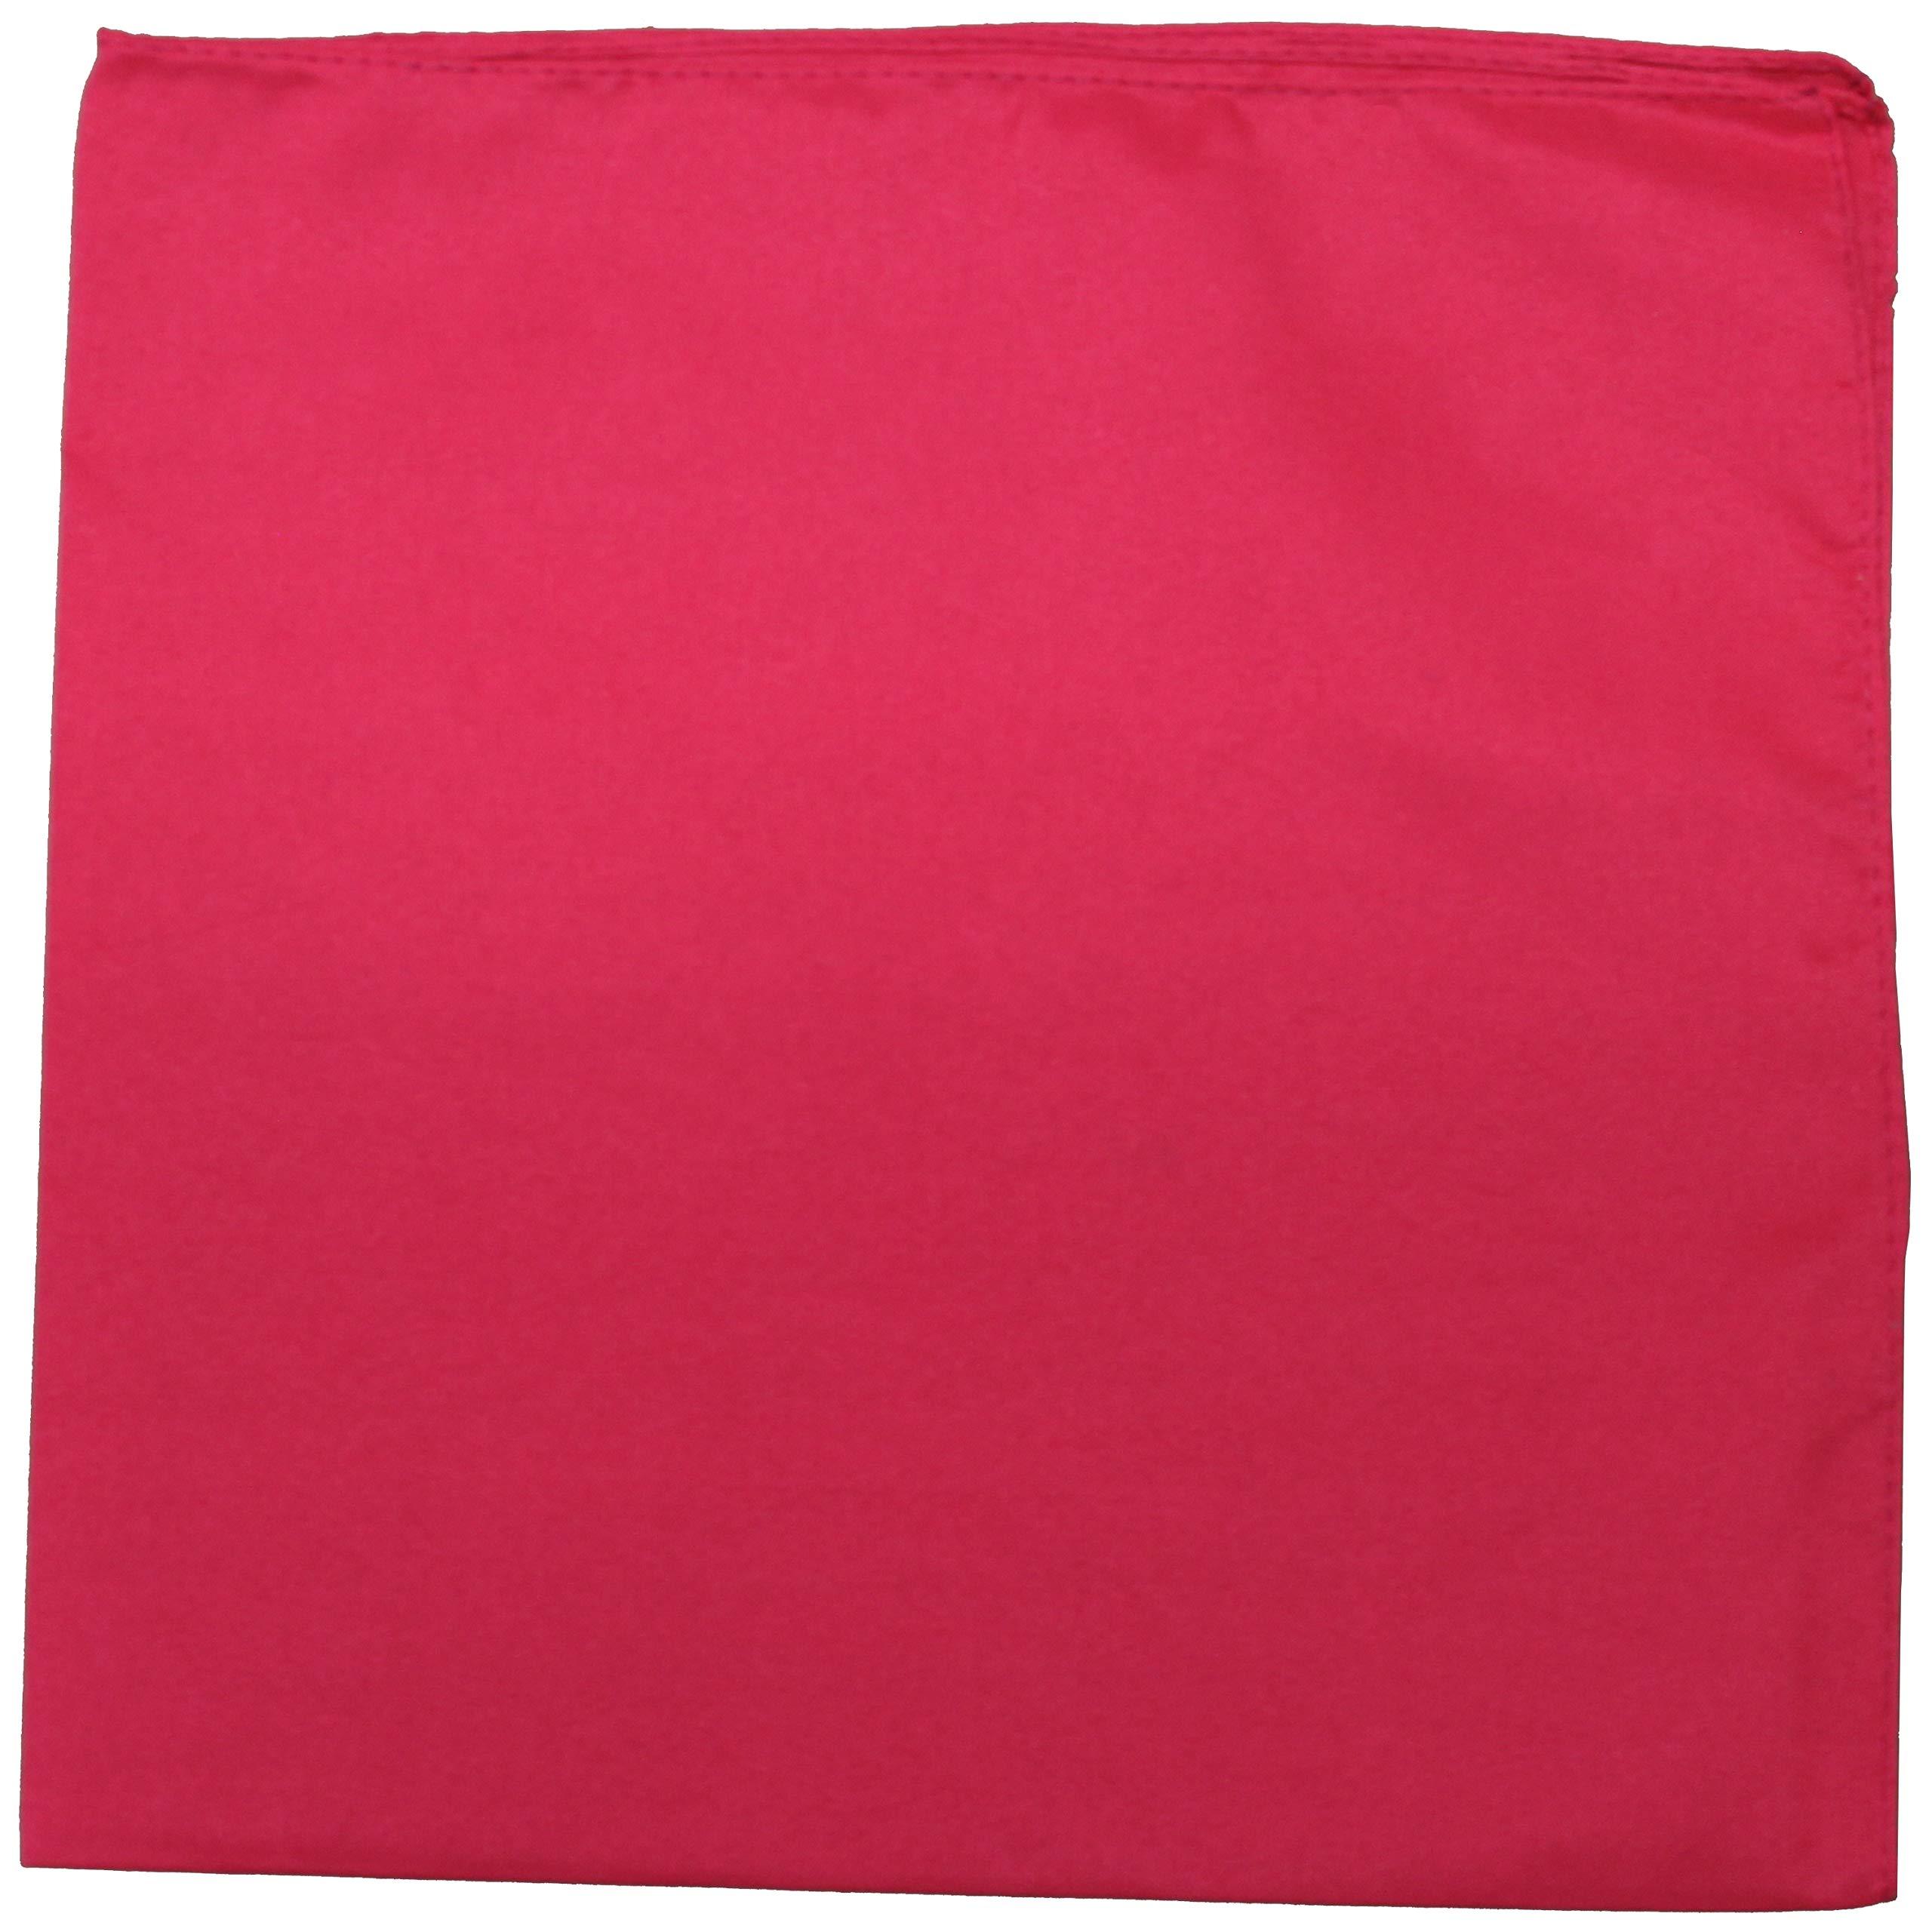 Set of 50 Solid 100% Polyester Unisex Bandanas - Bulk Wholesale